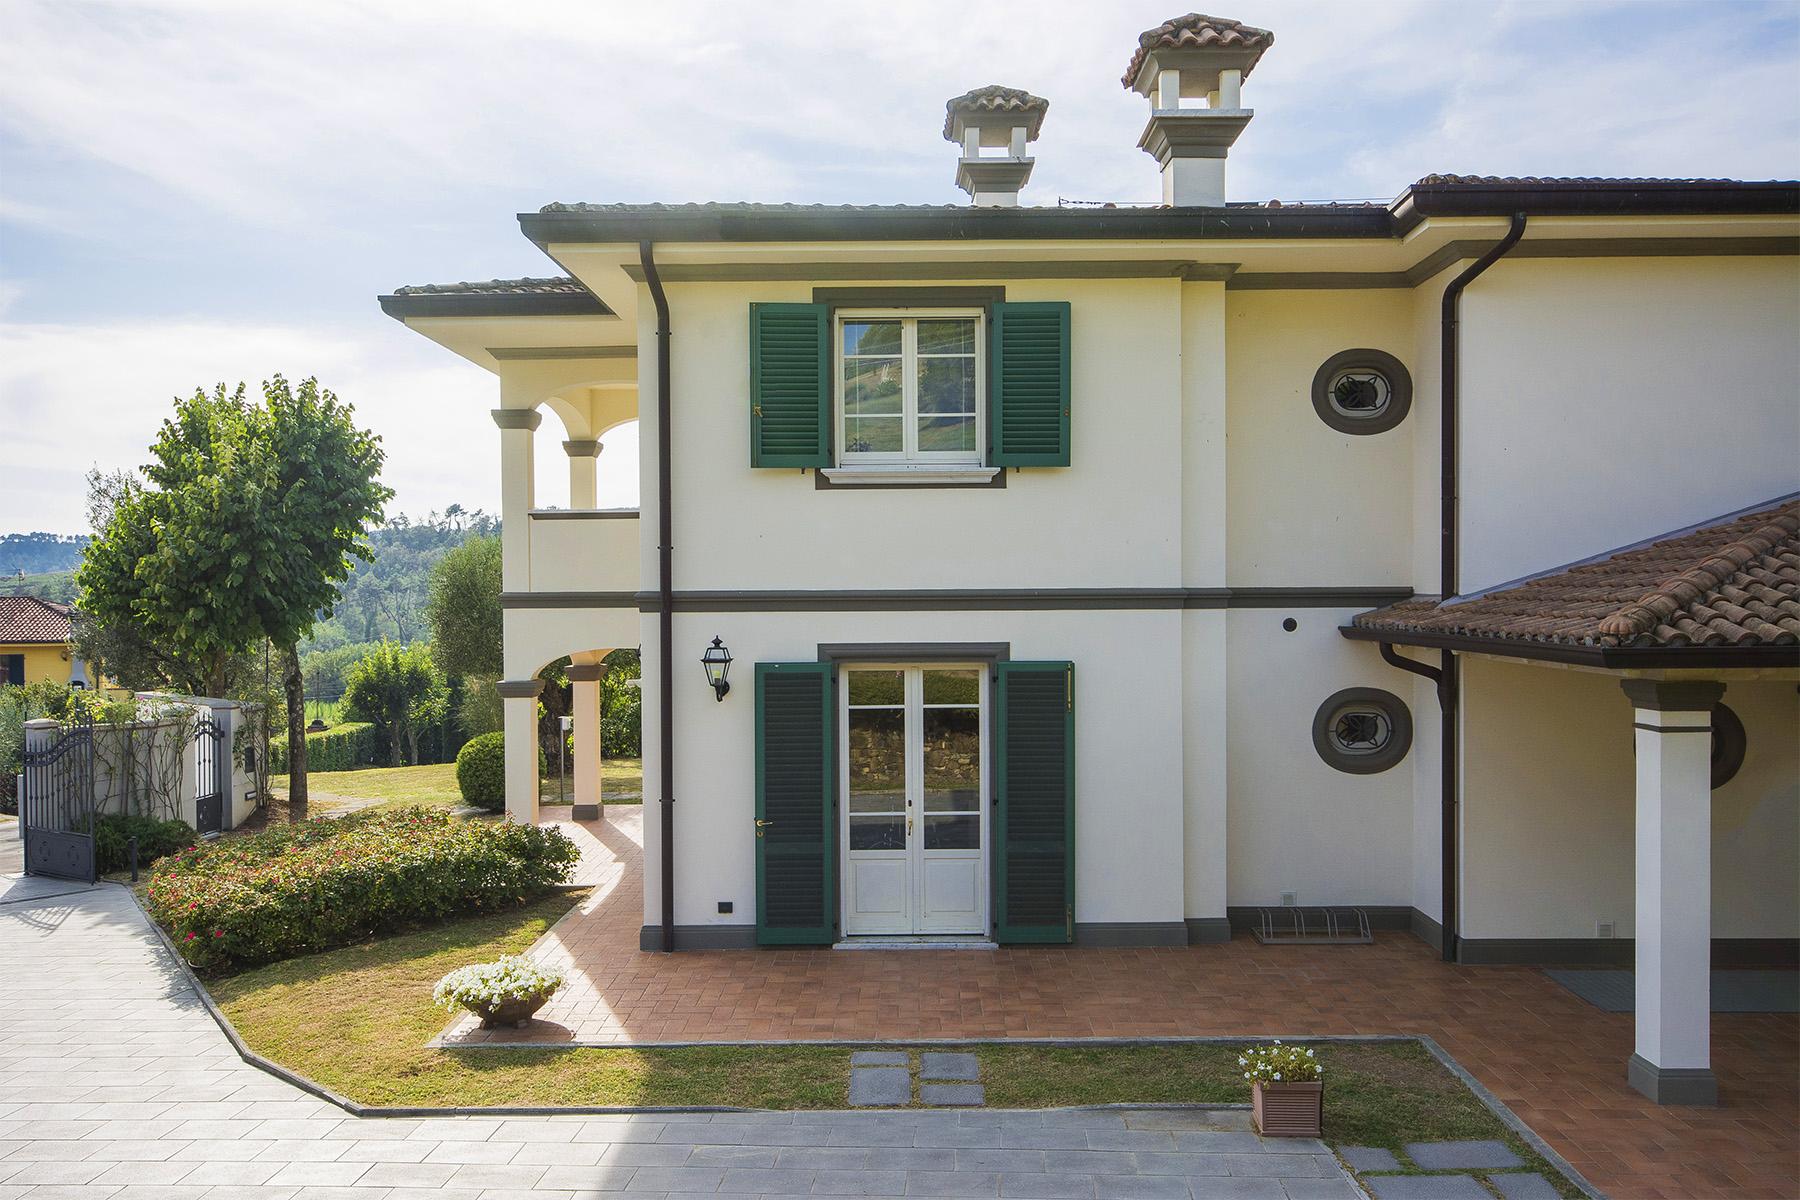 Casa indipendente in Vendita a Lucca: 5 locali, 300 mq - Foto 20